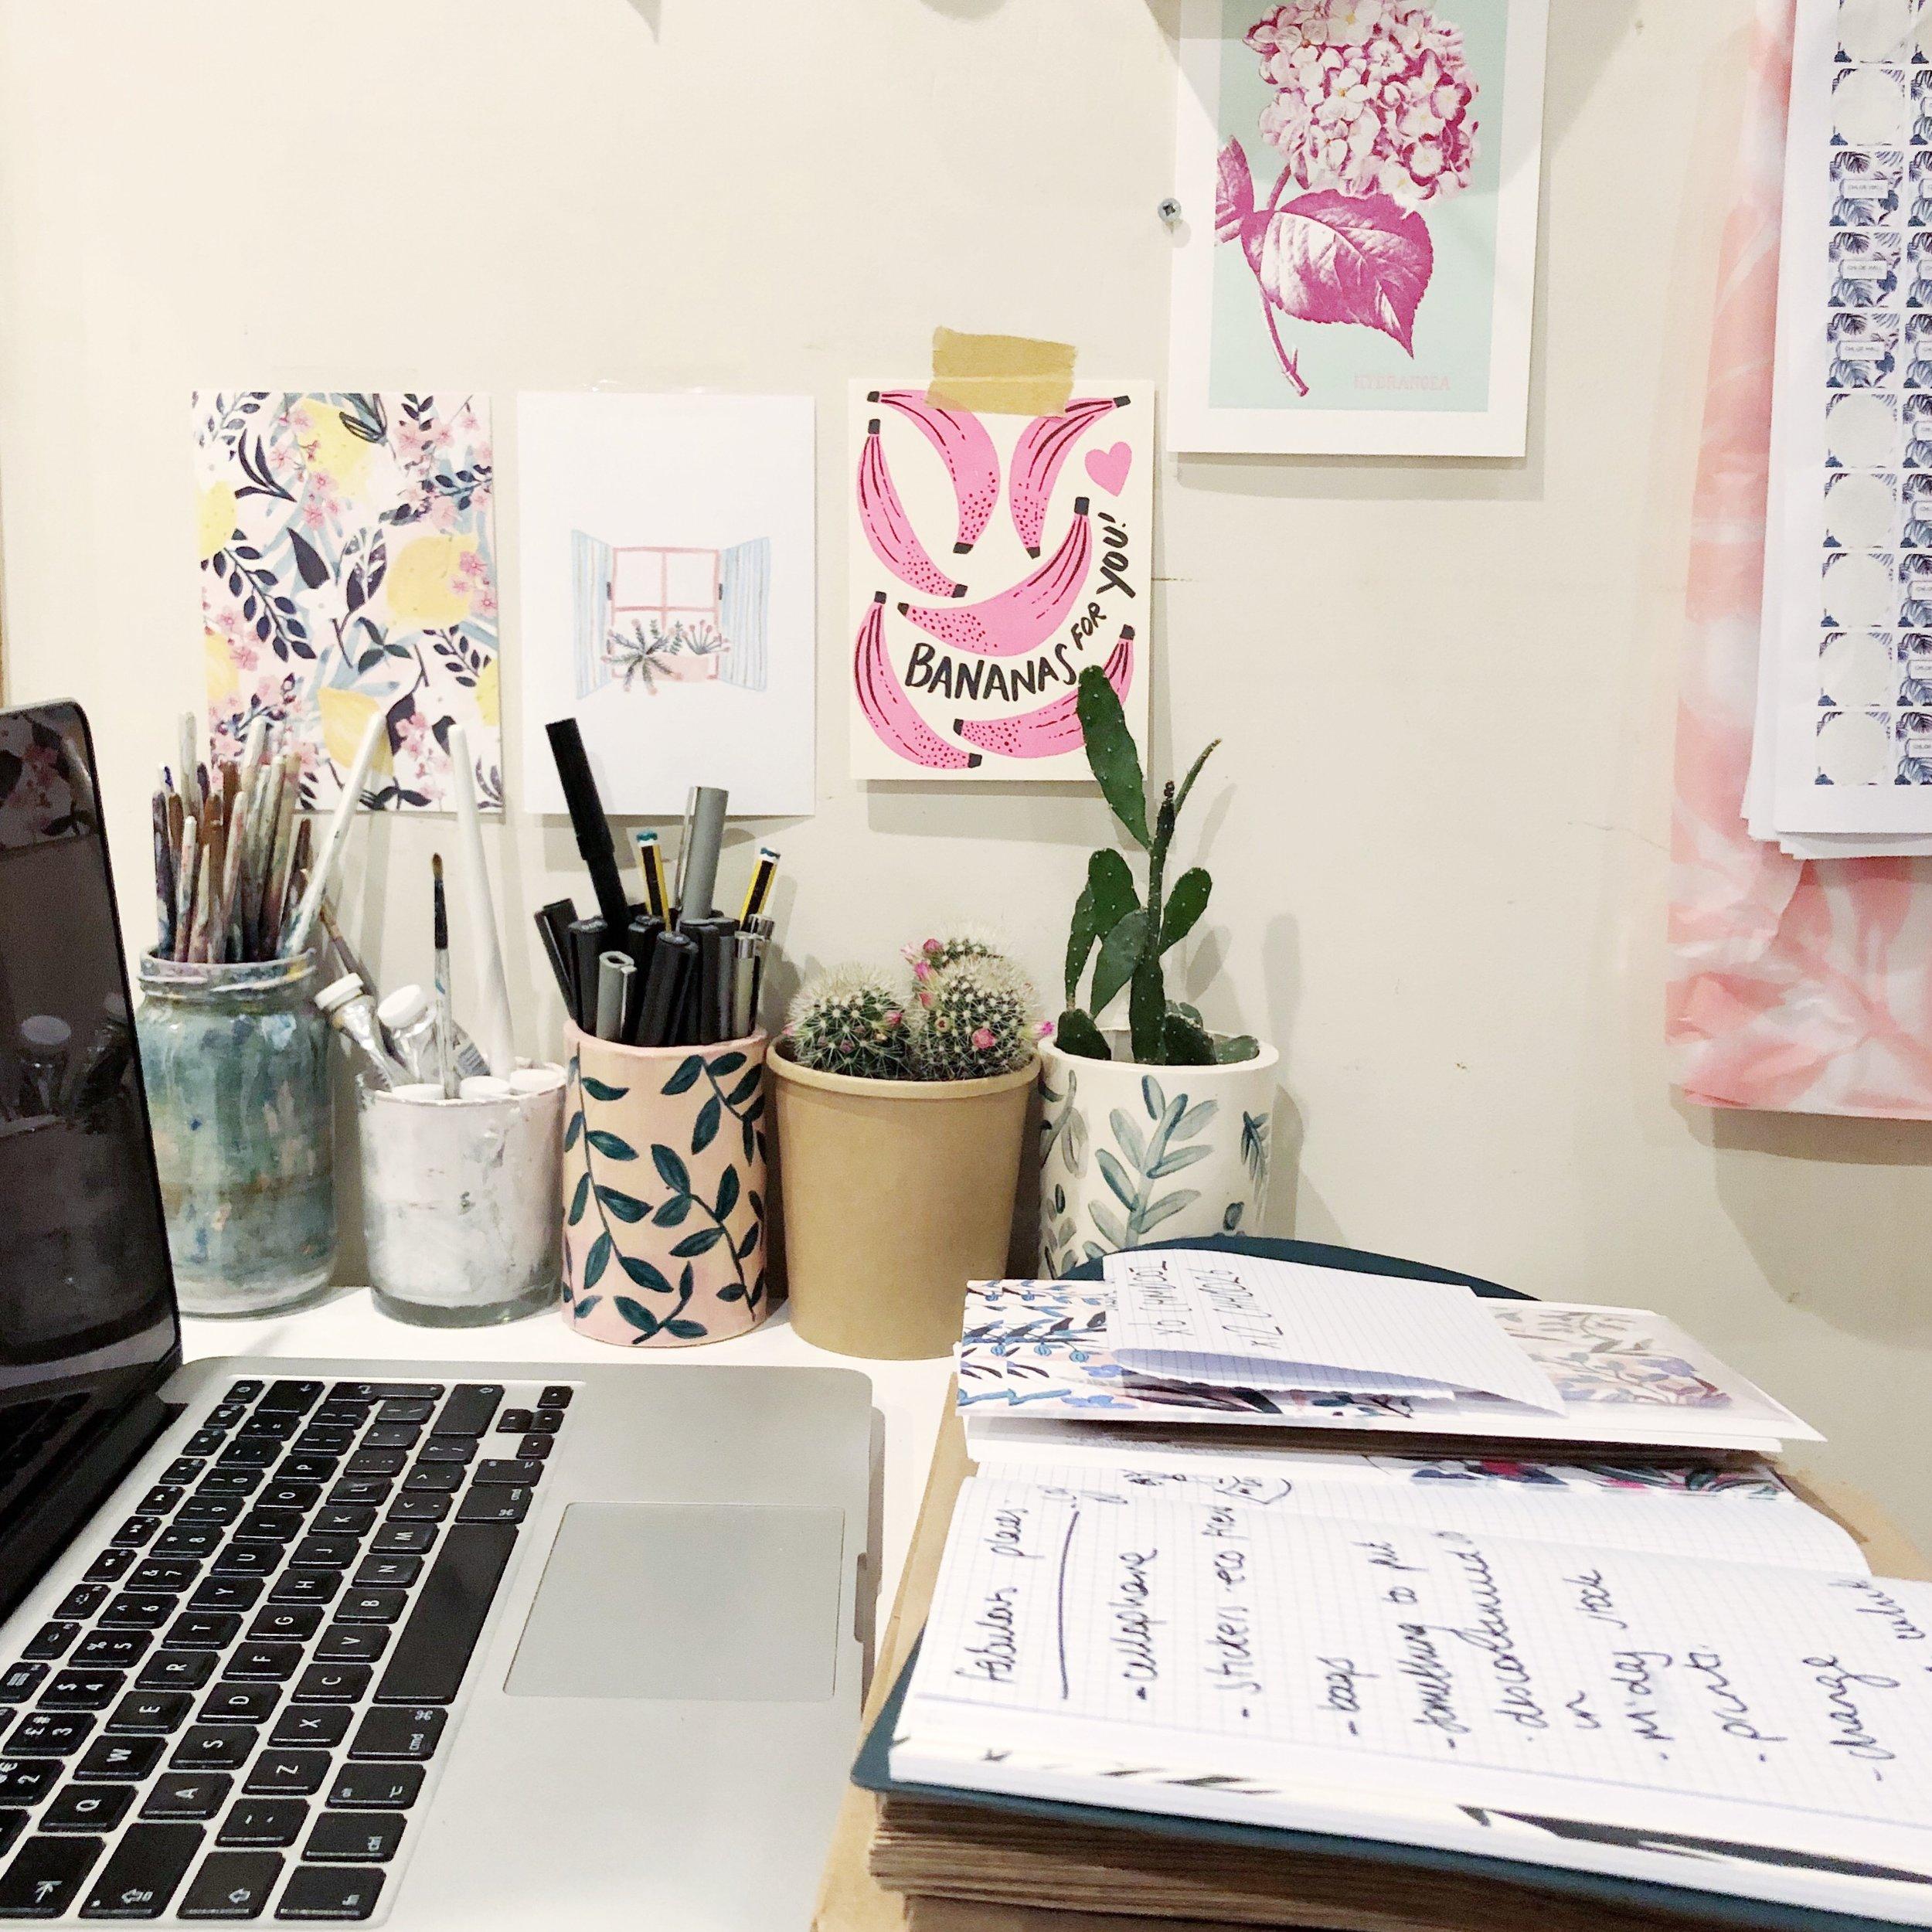 Where Makers Make_Chloe Hall_Illustration_Art Studio Tour_3.JPG